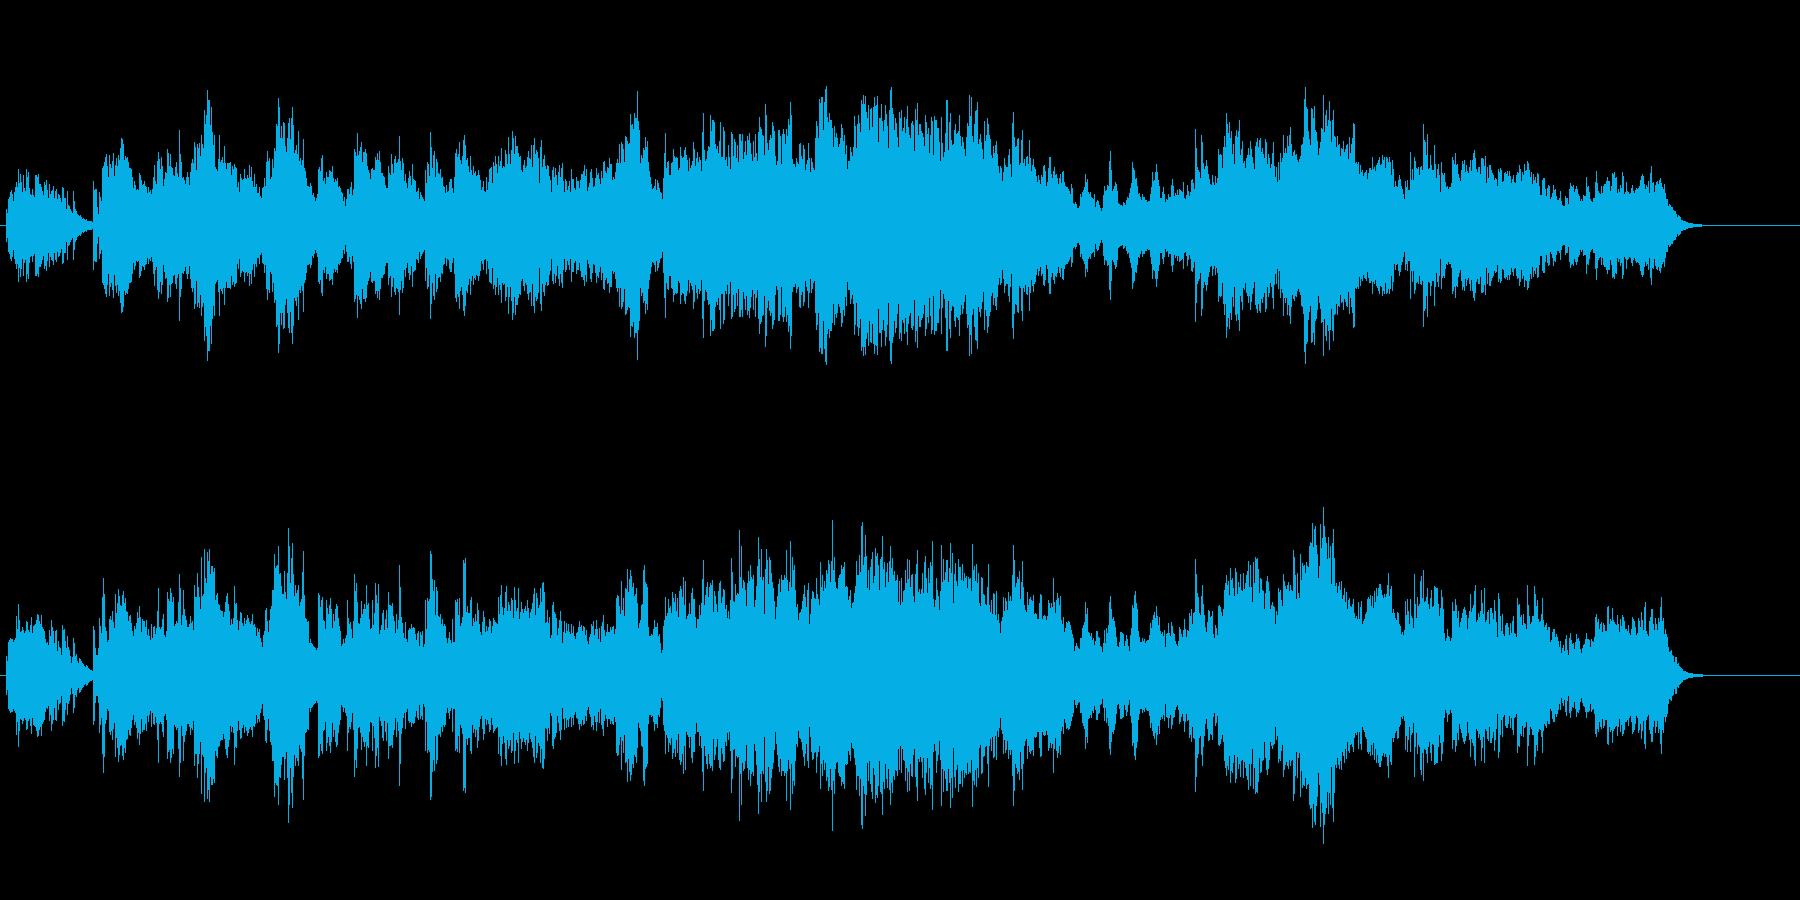 オーロラが浮かび上がる幻想的なBG/環境の再生済みの波形